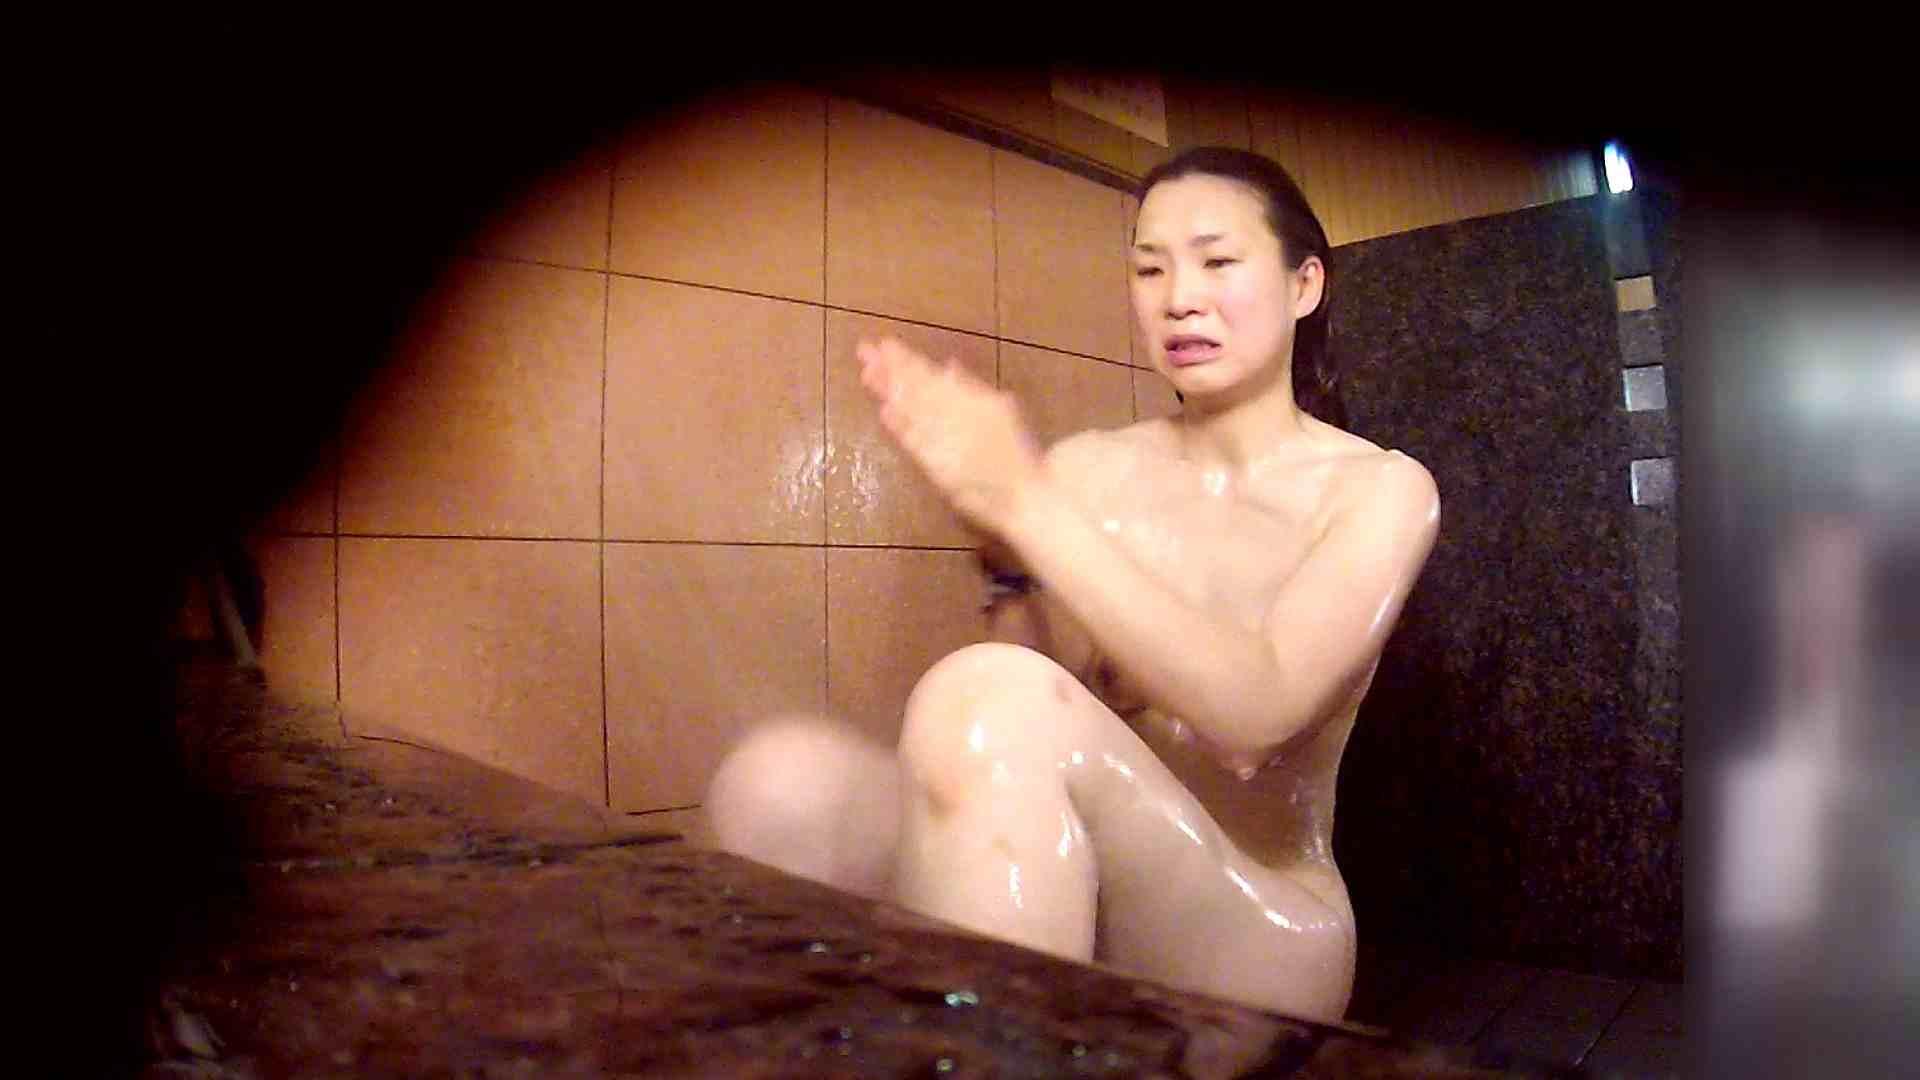 洗い場!マッスルお嬢さん!でもオッパイだけは柔らかそうです。 銭湯 性交動画流出 30連発 23